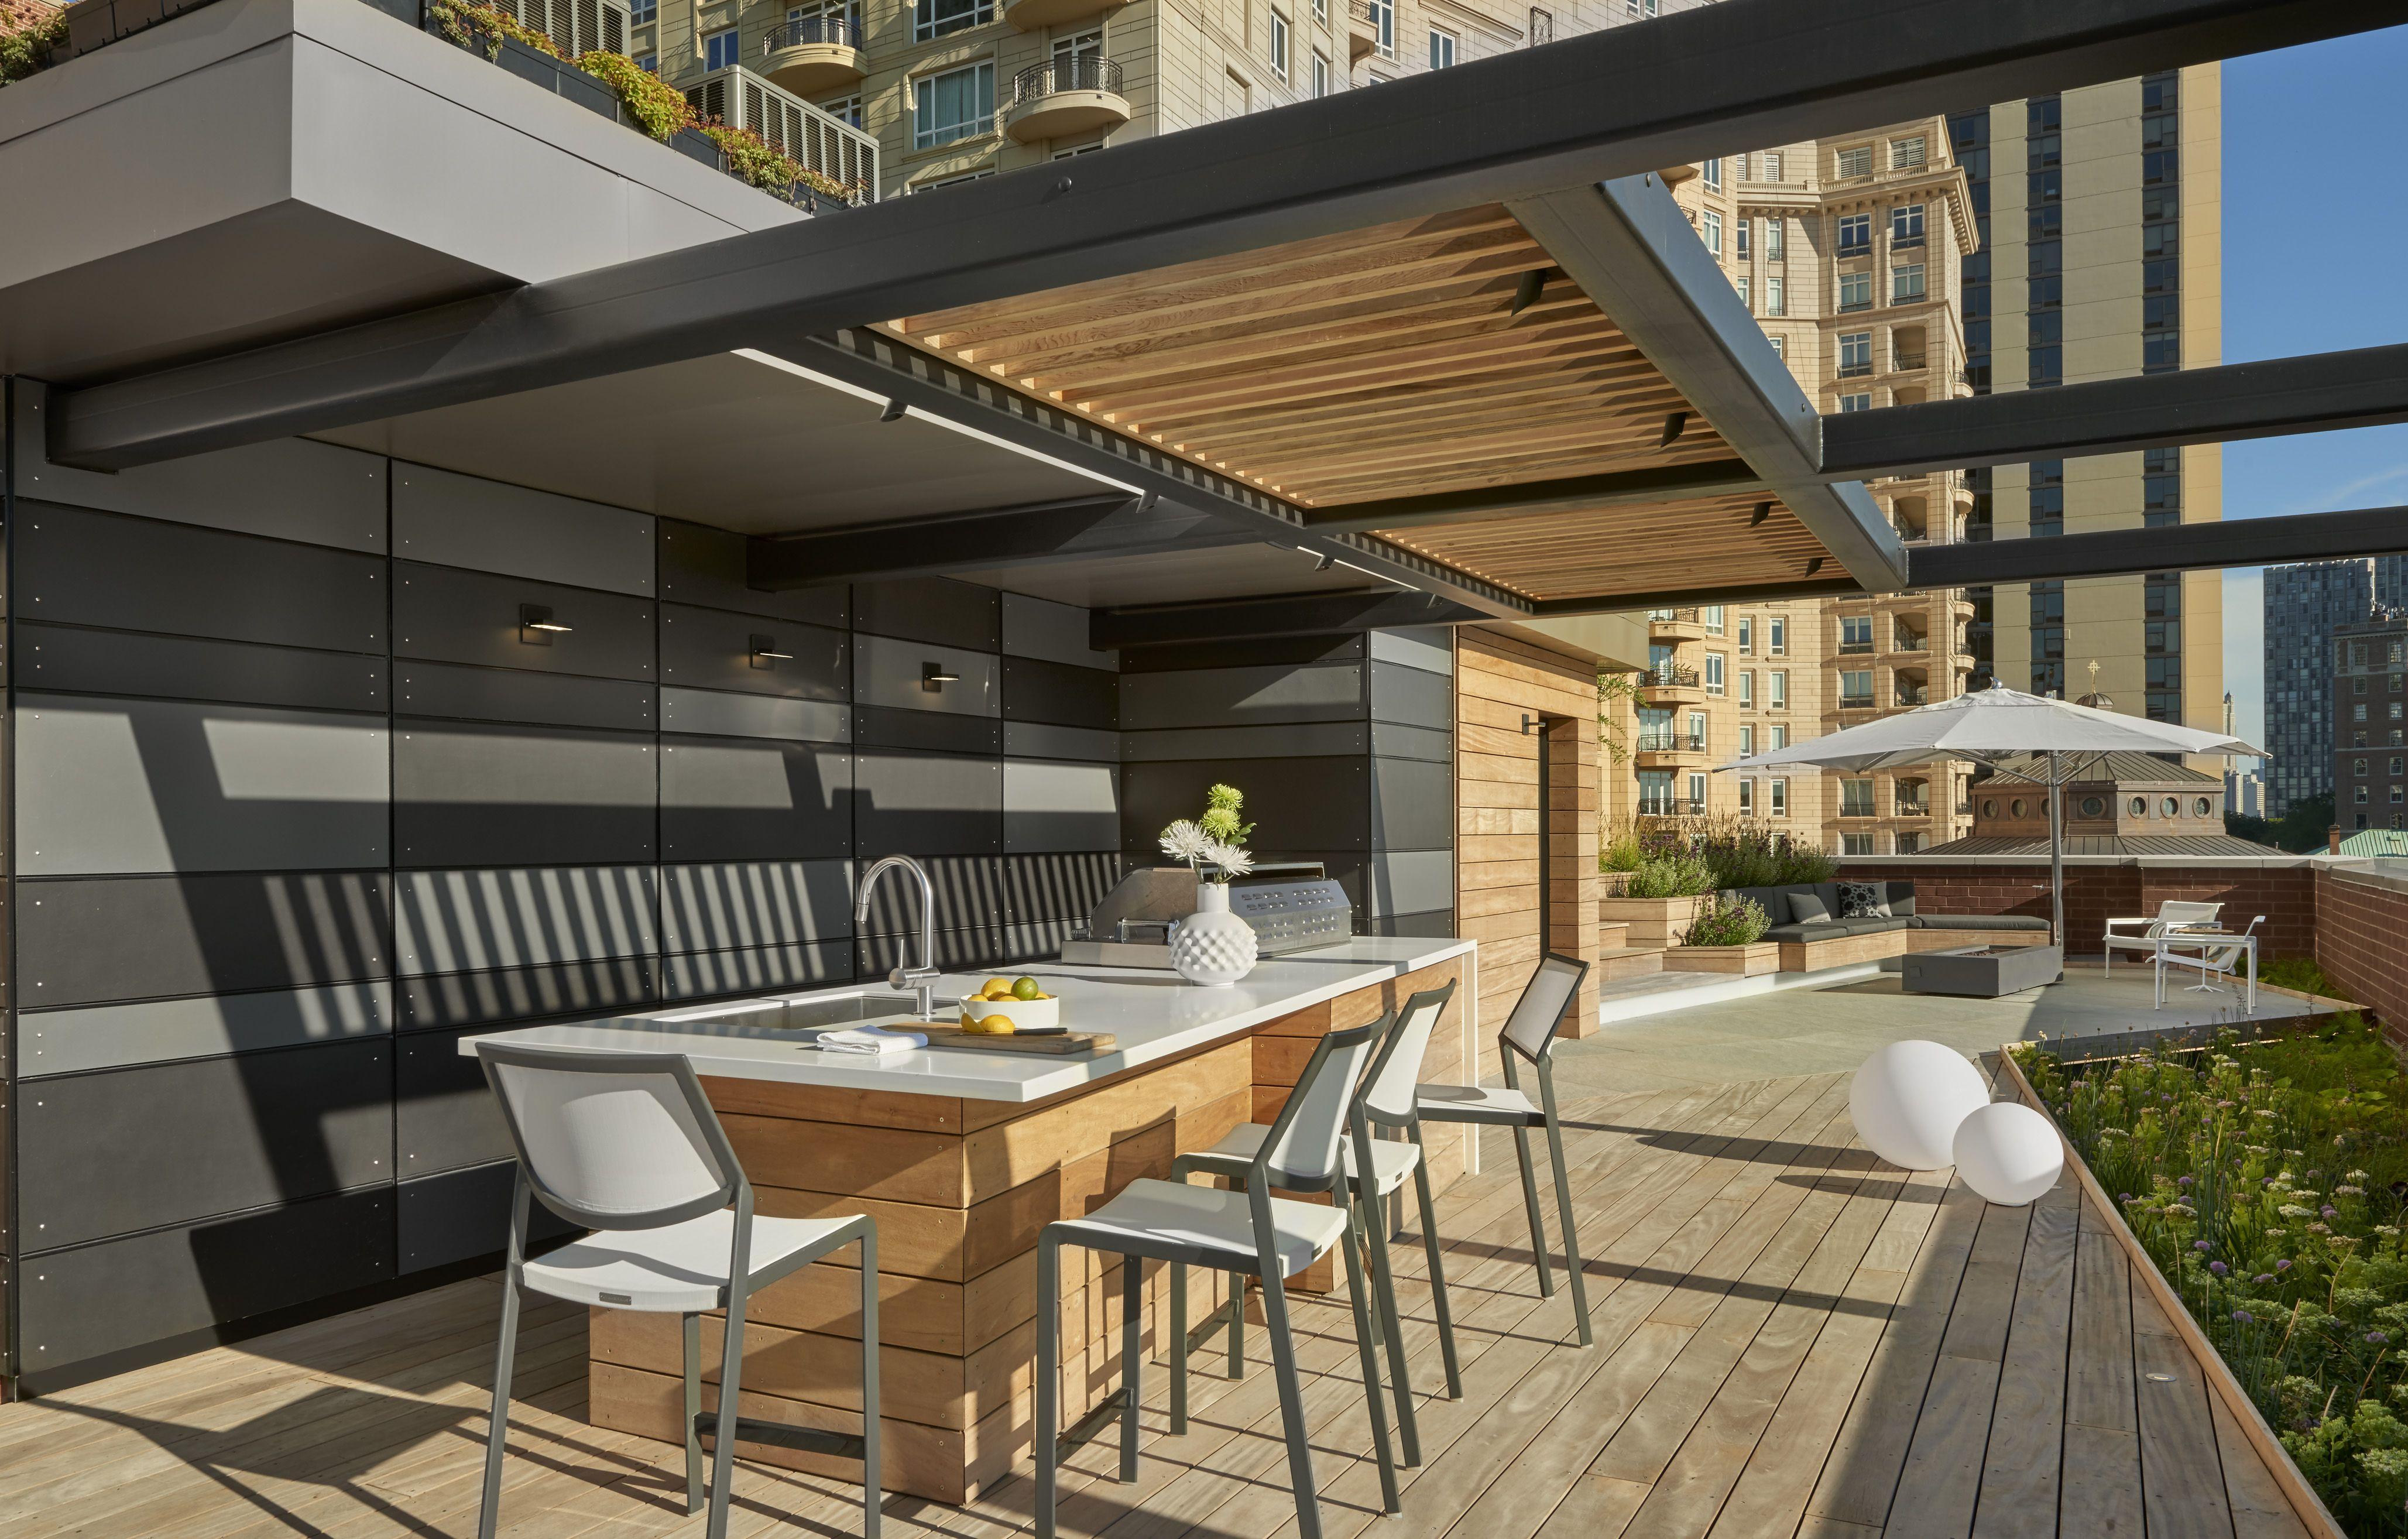 Outdoor Kitchen Rooftop